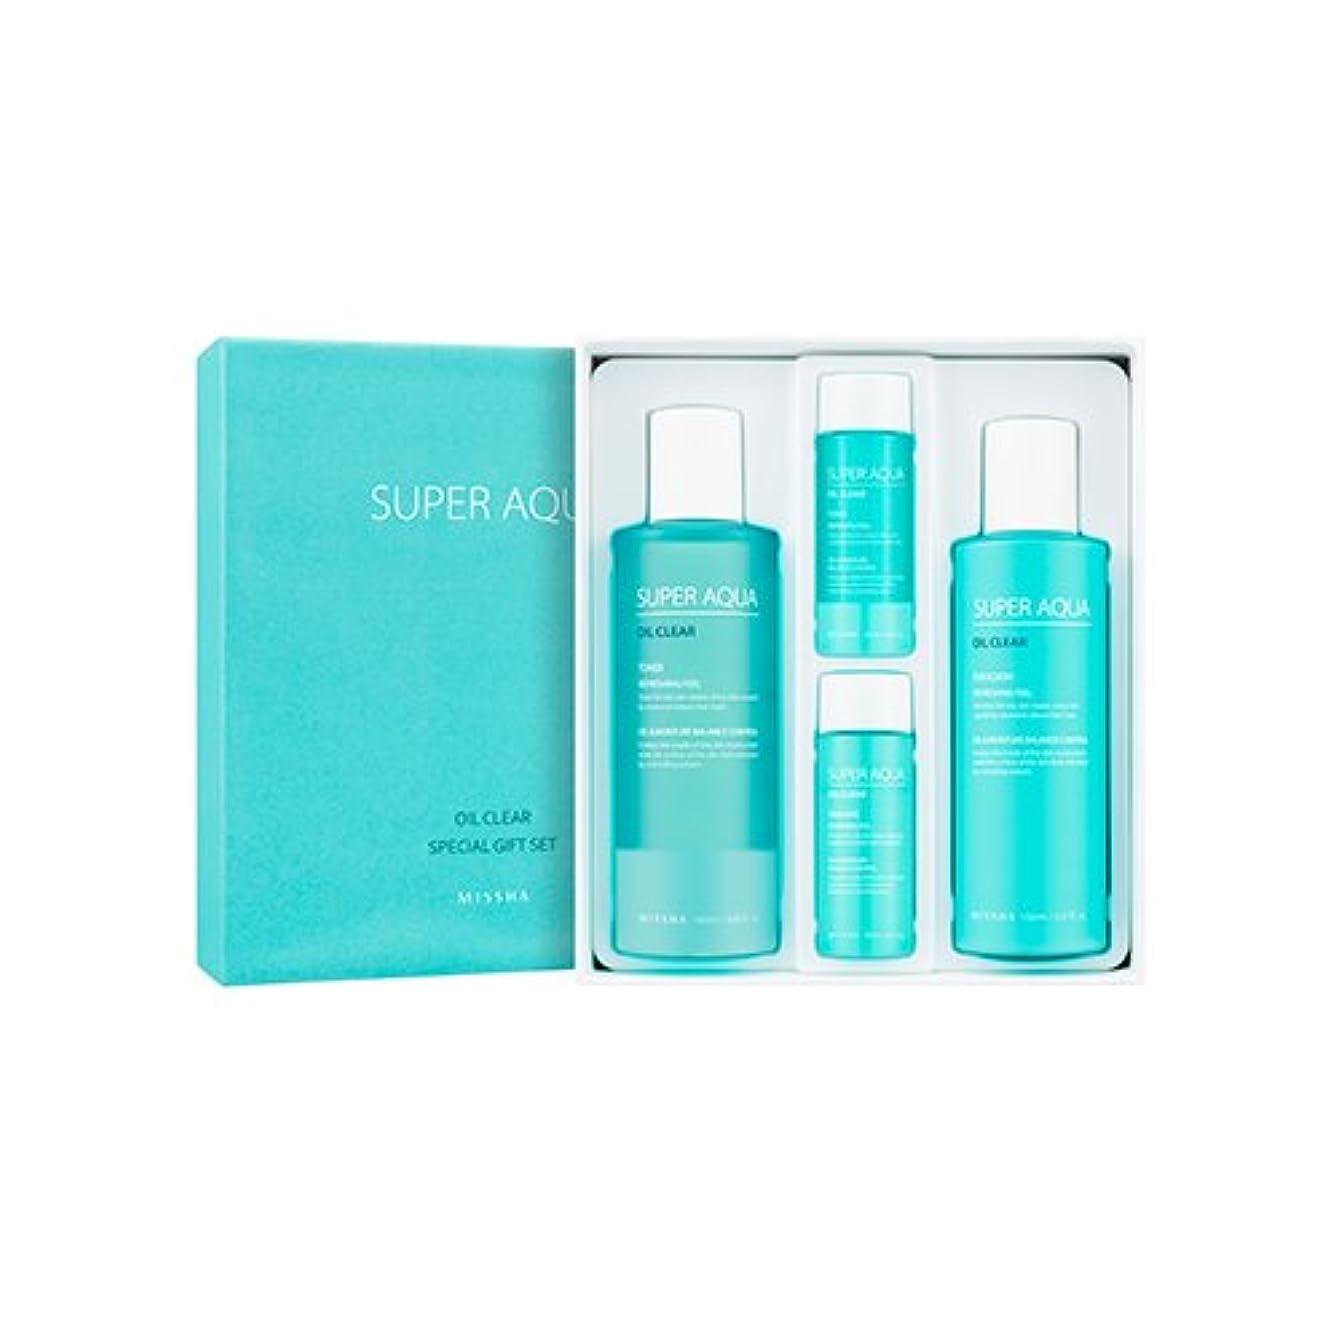 クランシー野生アリMISSHA Super Aqua Oil Clear Special Gift Set/ミシャ スーパーアクアオイルクリアスペシャルギフトセット [並行輸入品]